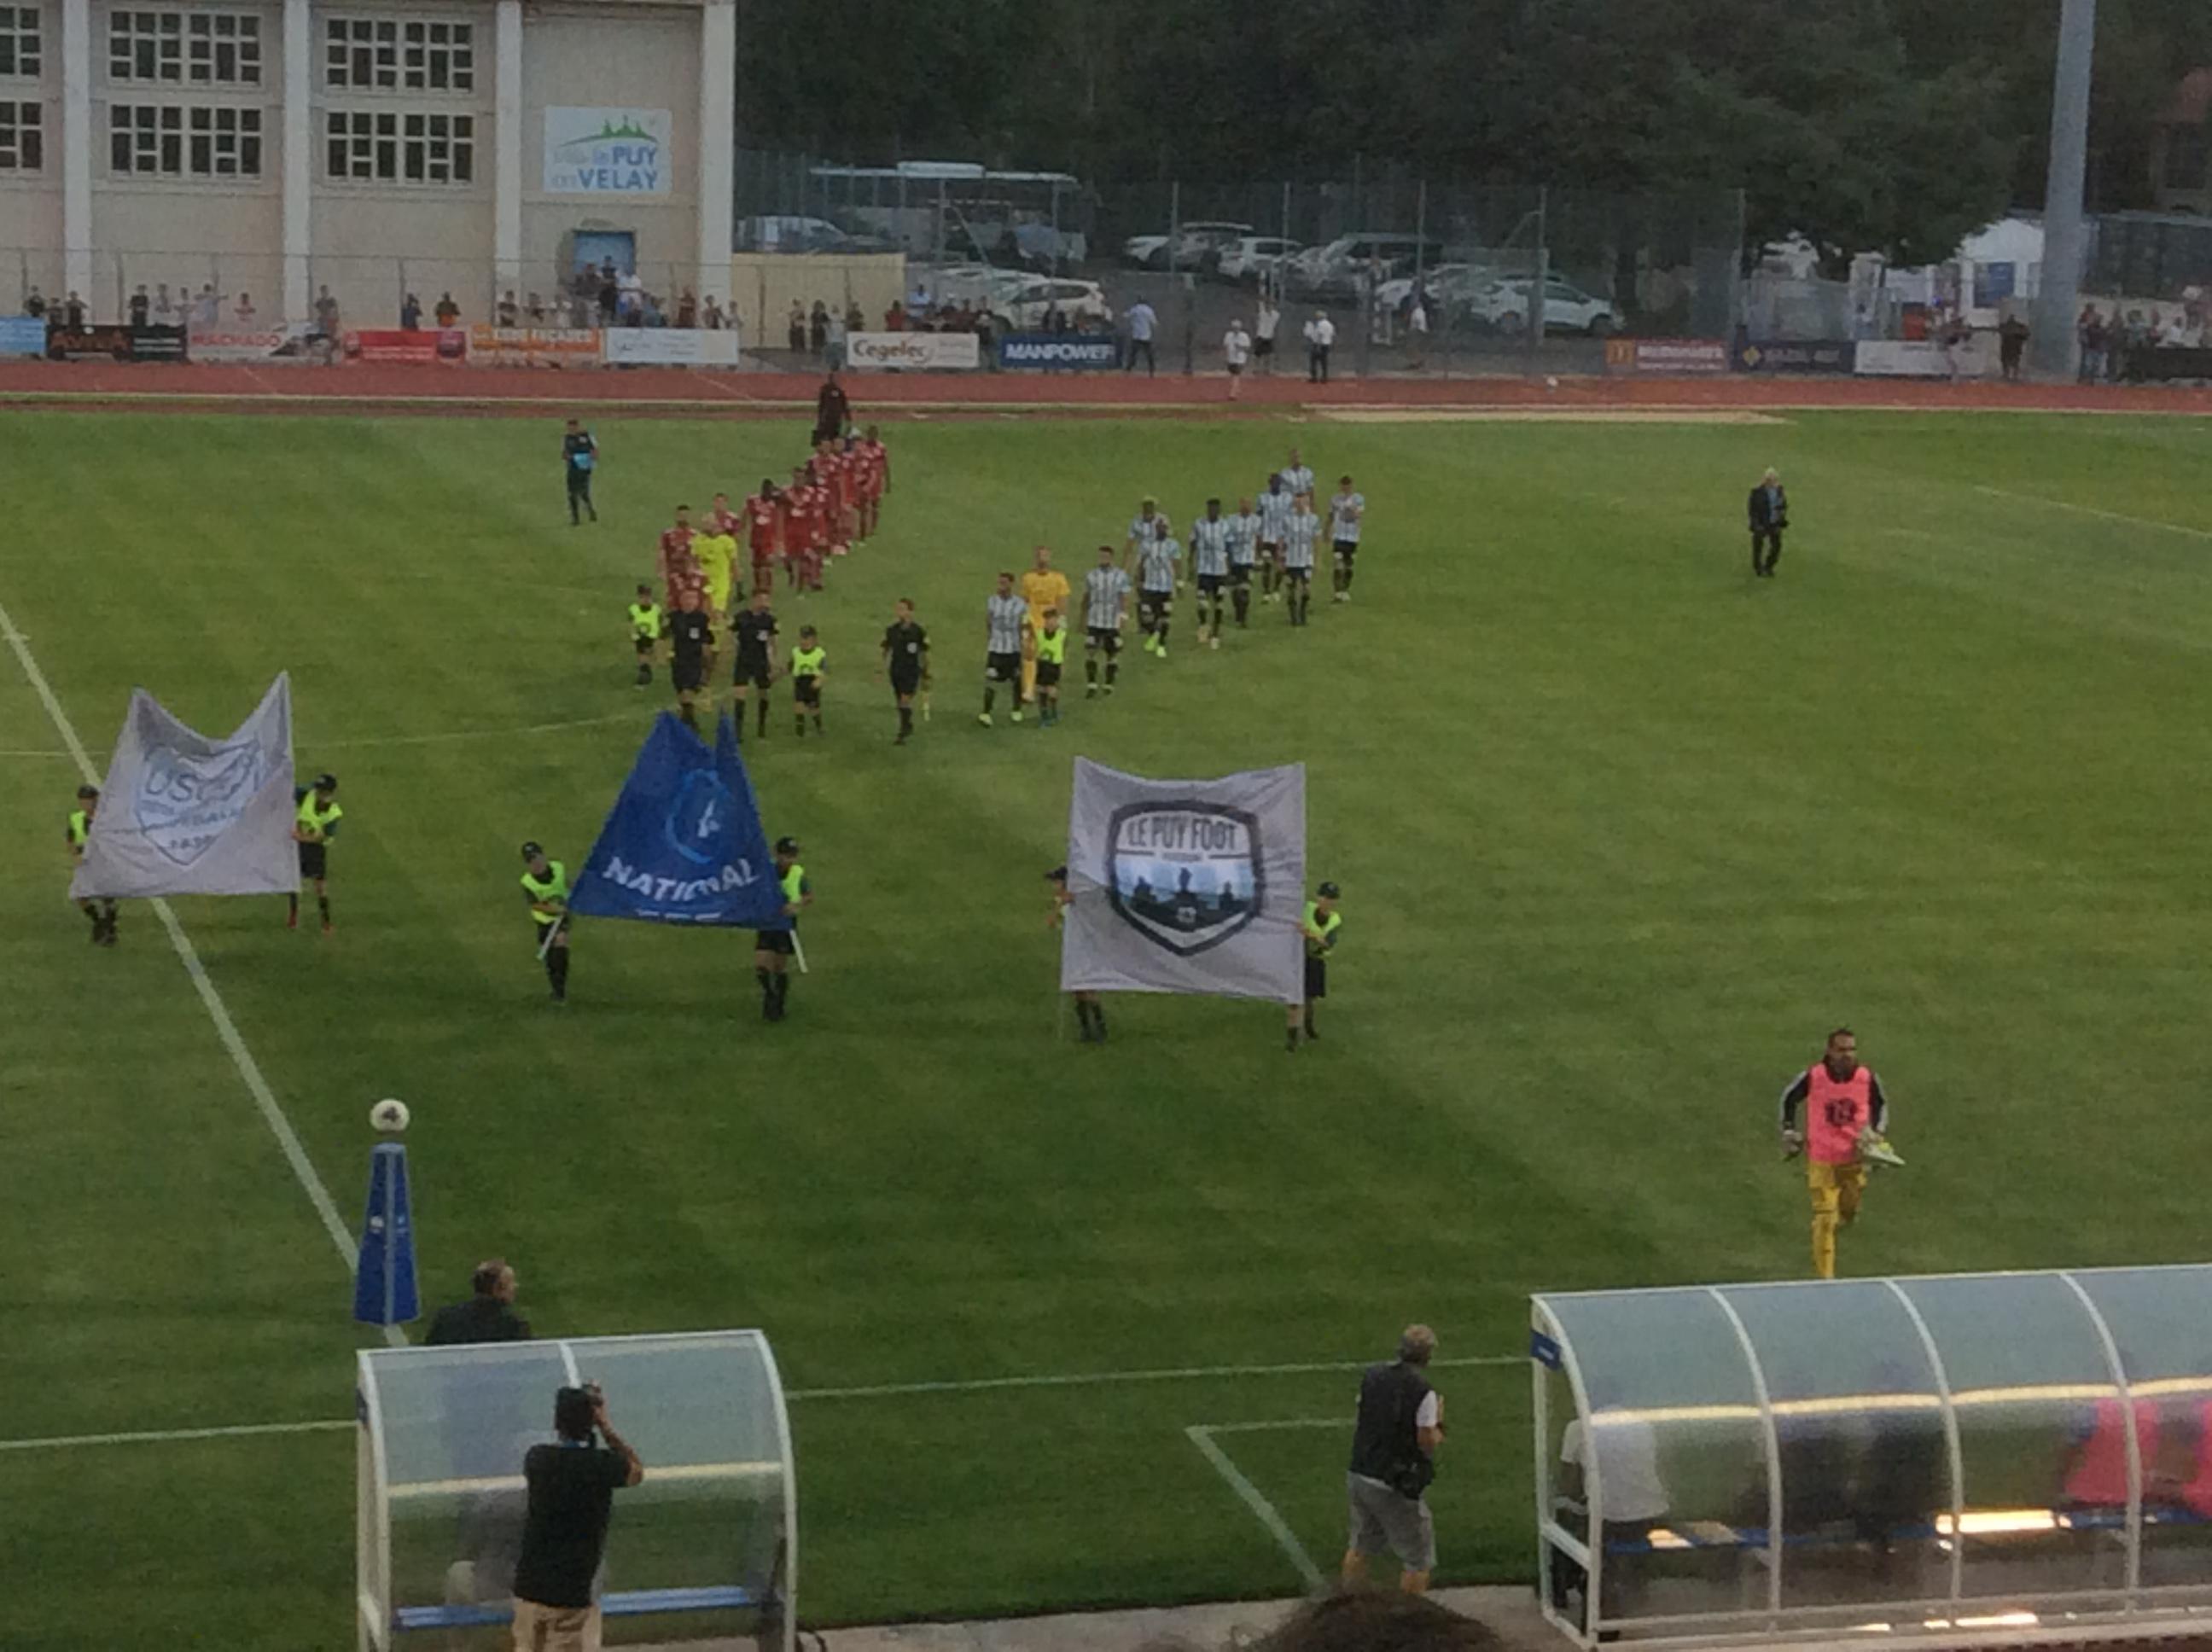 national foot le puy foot 43 2-3 Créteil réac apres match 110819